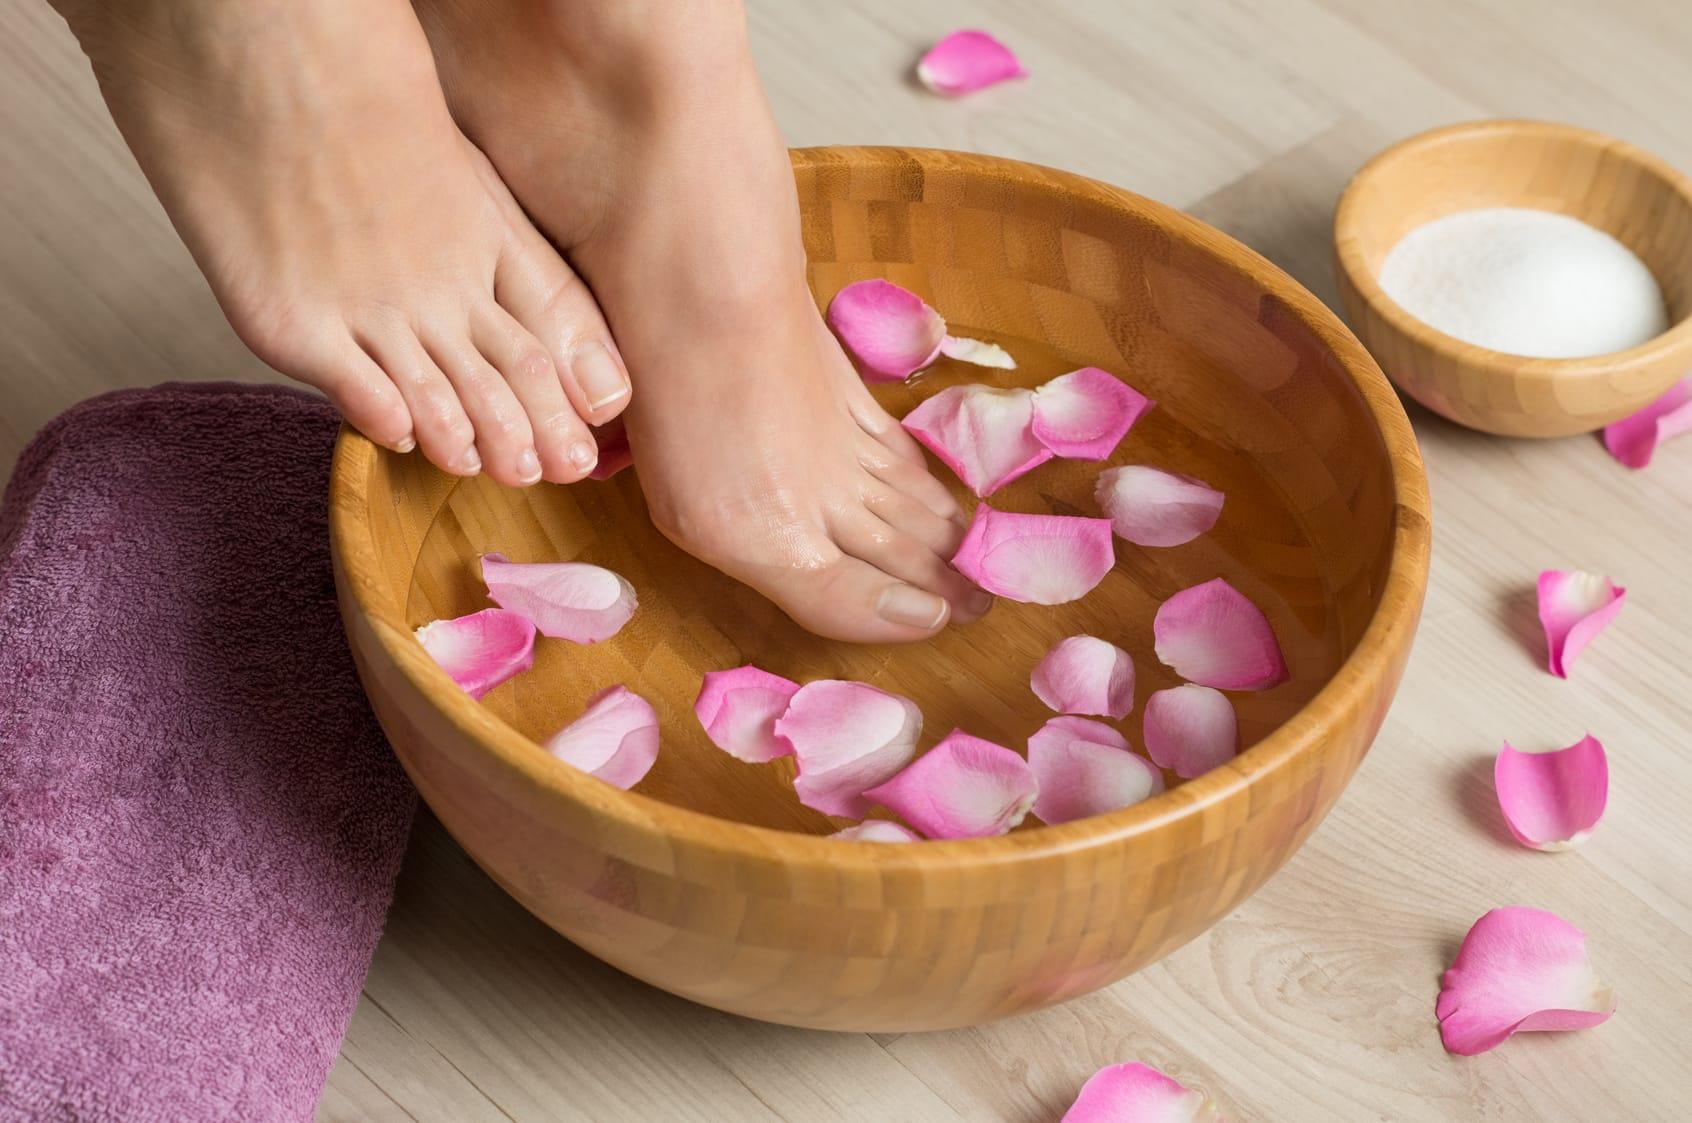 Fußpflege selber machen – Schöne Füße in 4 Schritten